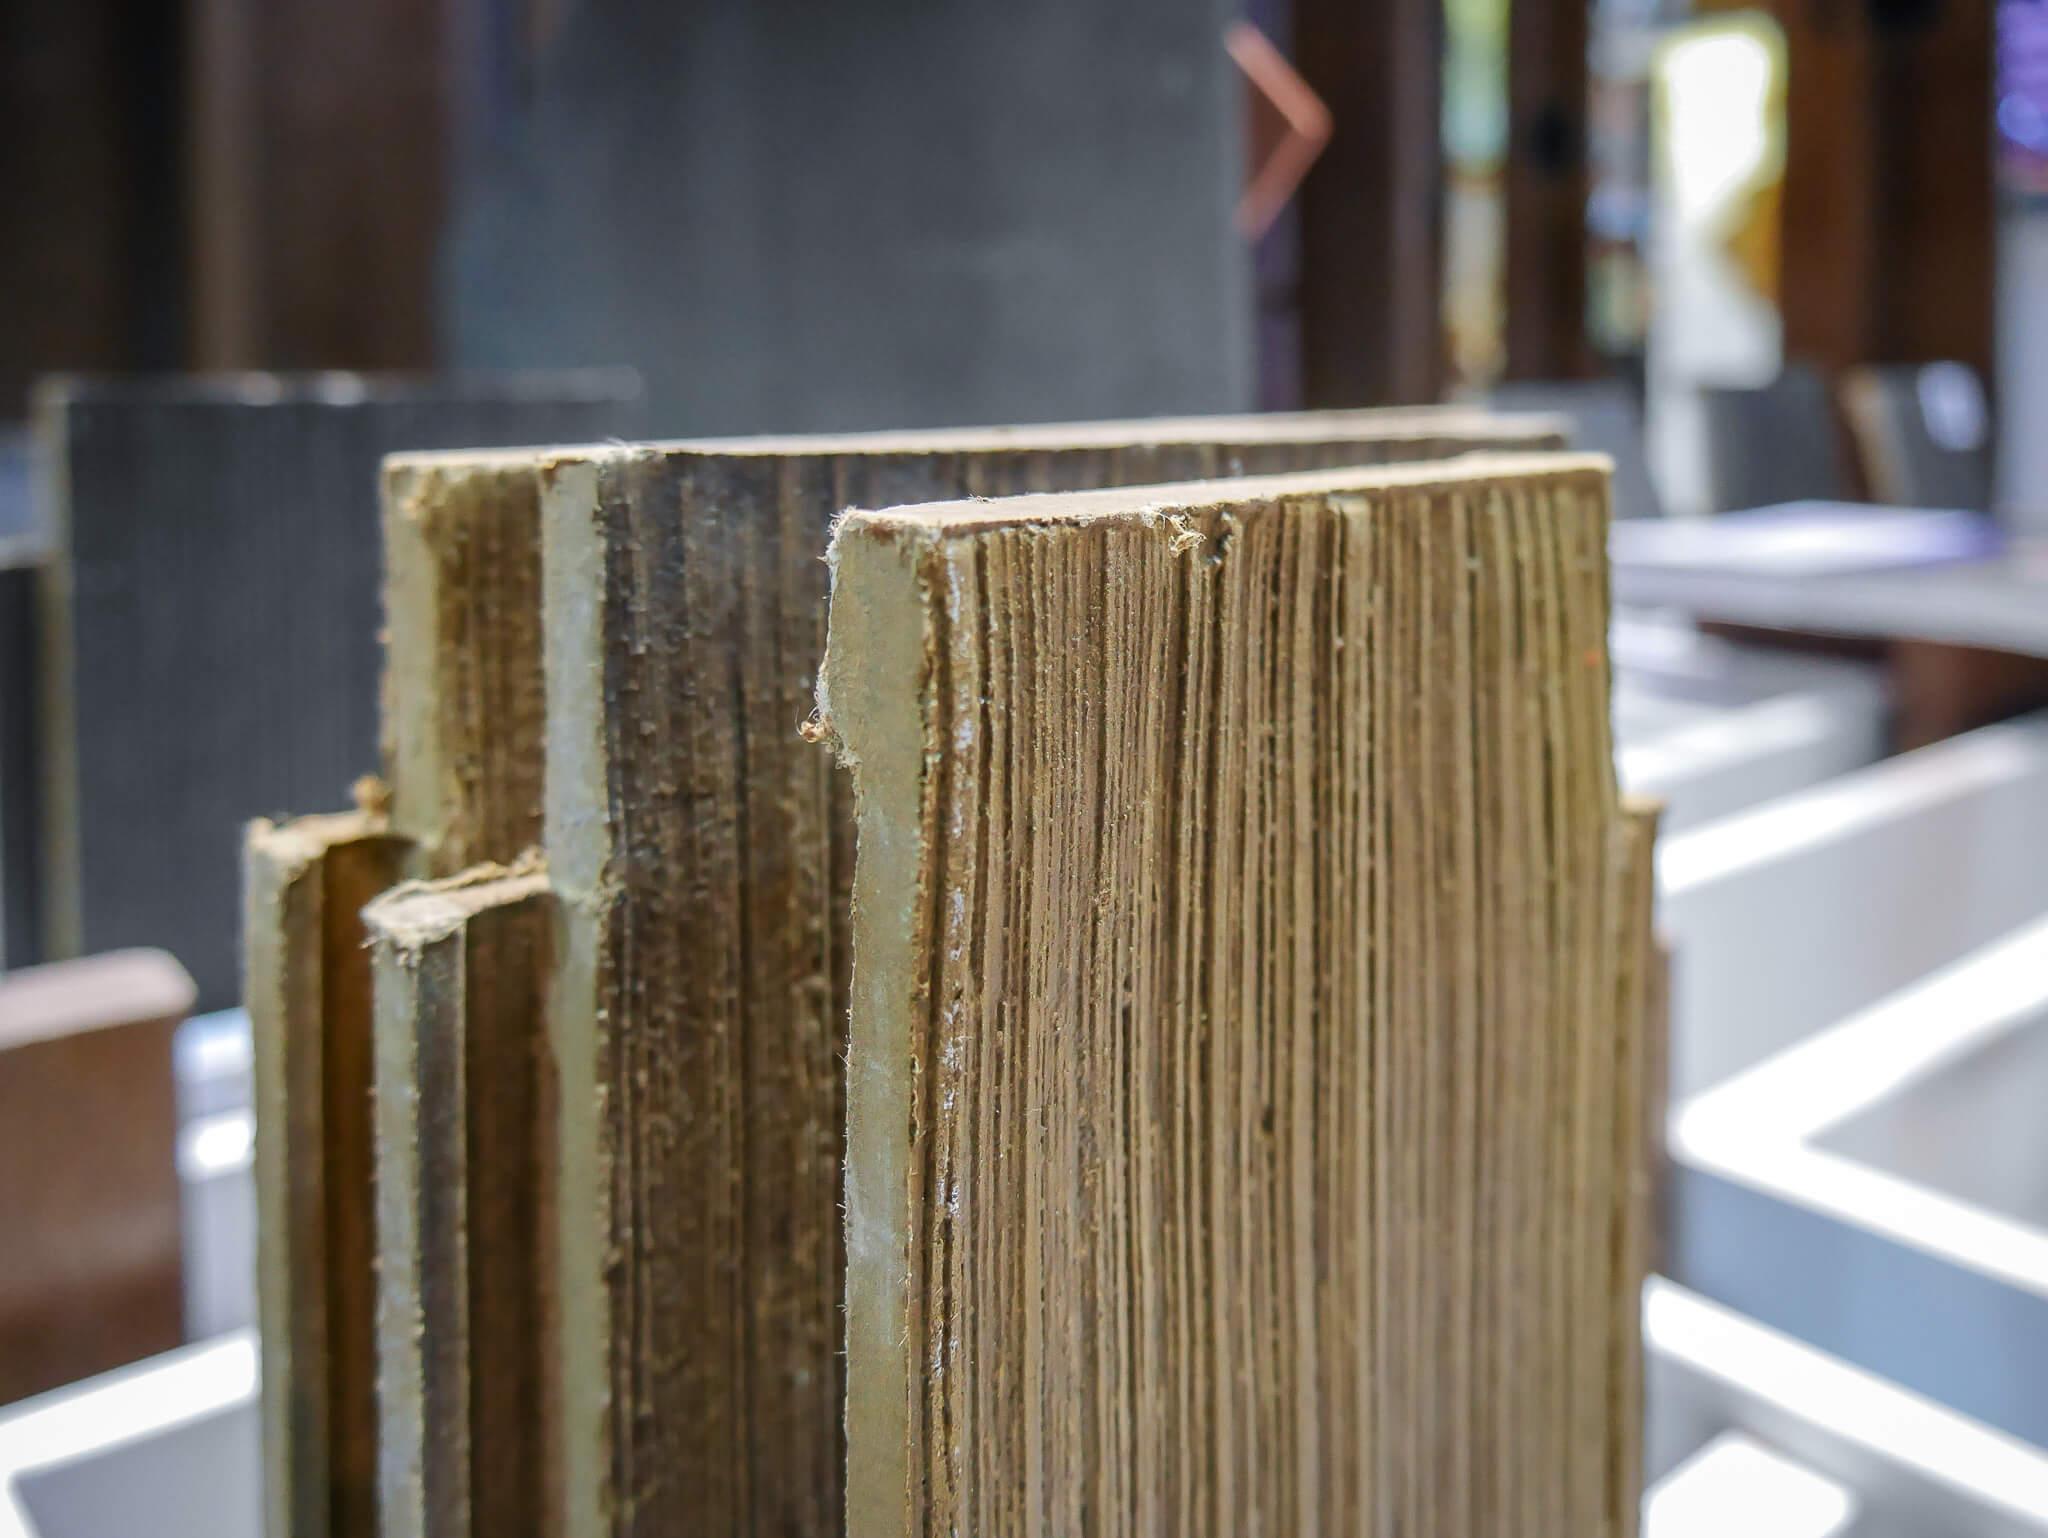 """ลบความทรงจำคำว่า """"ไม้ฝา"""" เมื่อ """"เฌอร่า"""" อวดบูธไม่มีฝา ชนะเลิศประกวดบูธ Creative ที่งานสถาปนิก'60 33 - Architecture"""